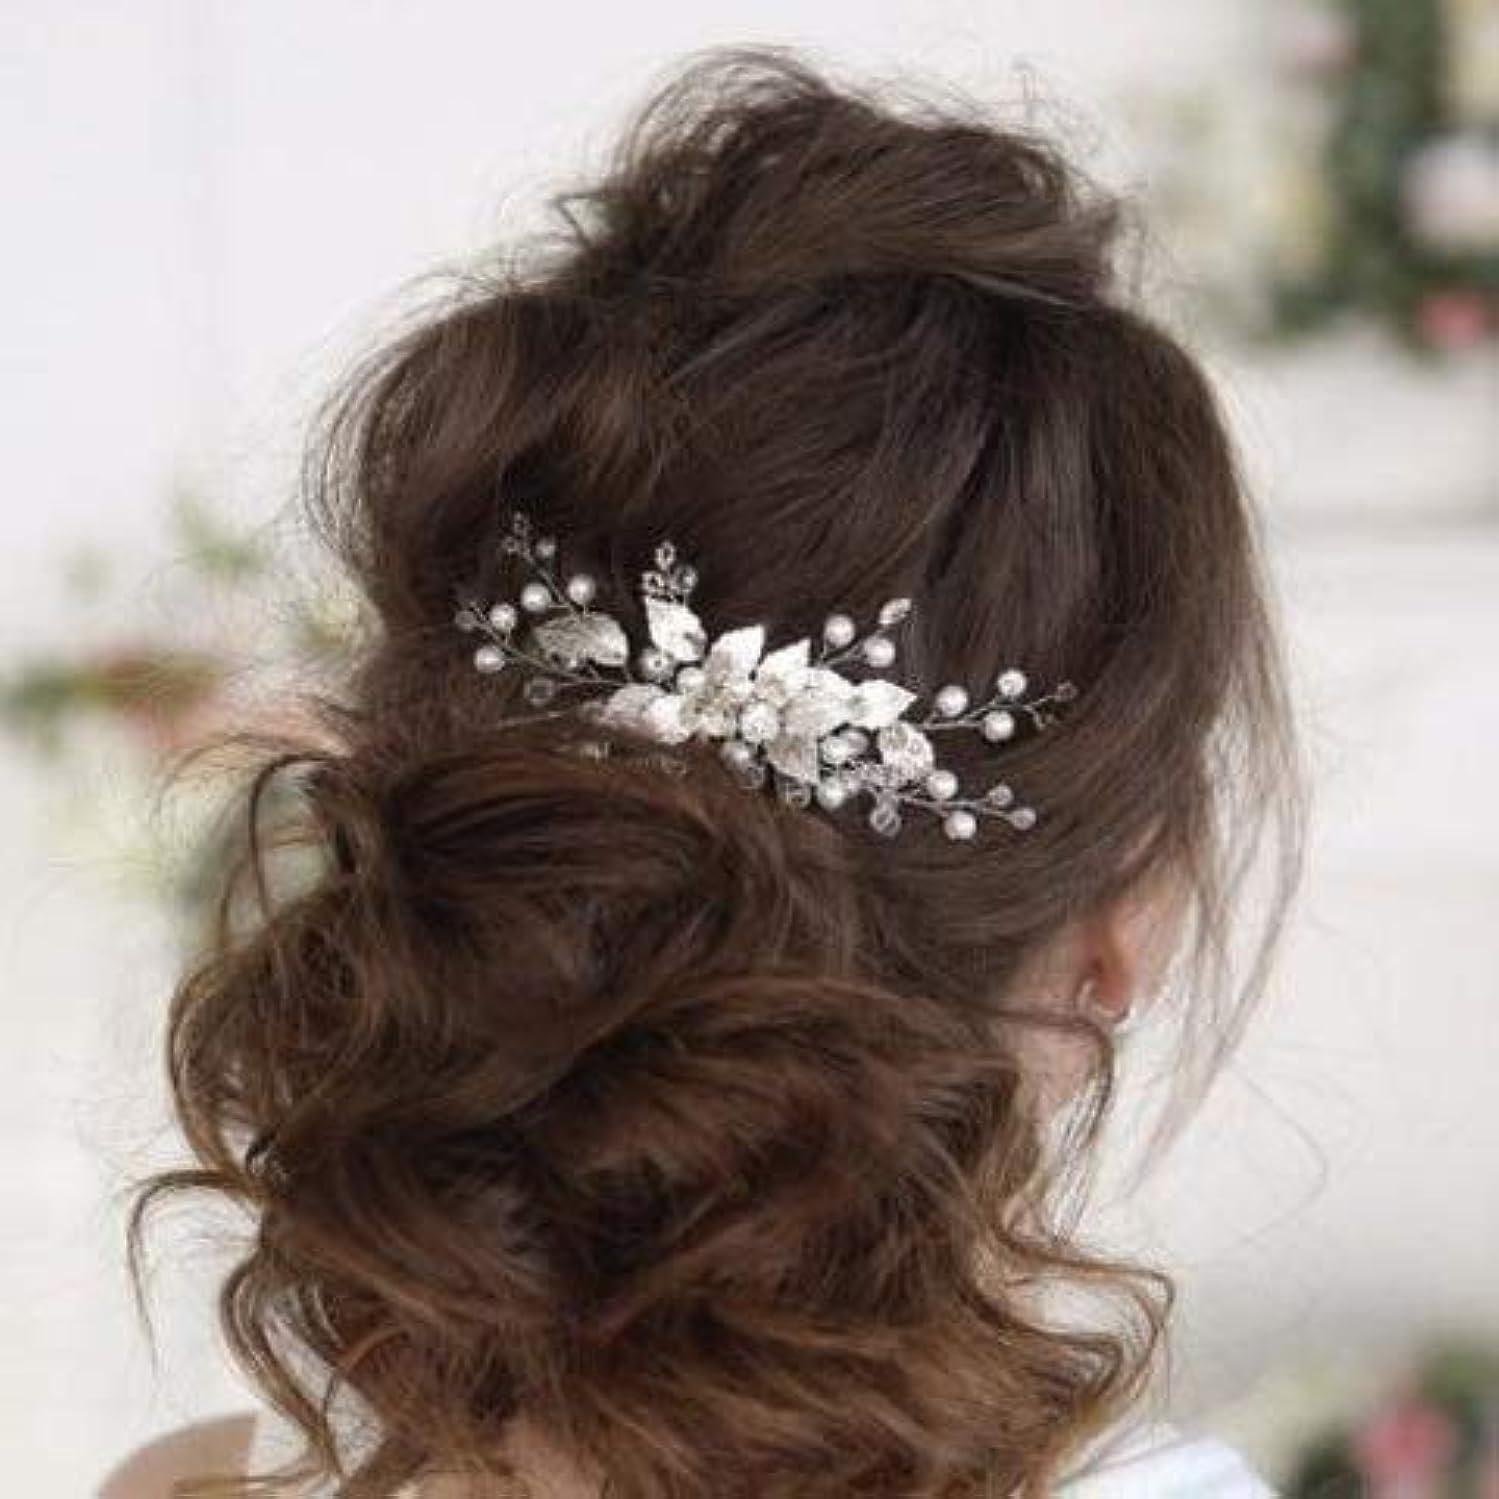 アフリカ人石膏ブリードKercisbeauty Boho Wedding Bridal Hair Comb Clips Decorative Headband with Crystal Leaf Rhinestones for Brides...